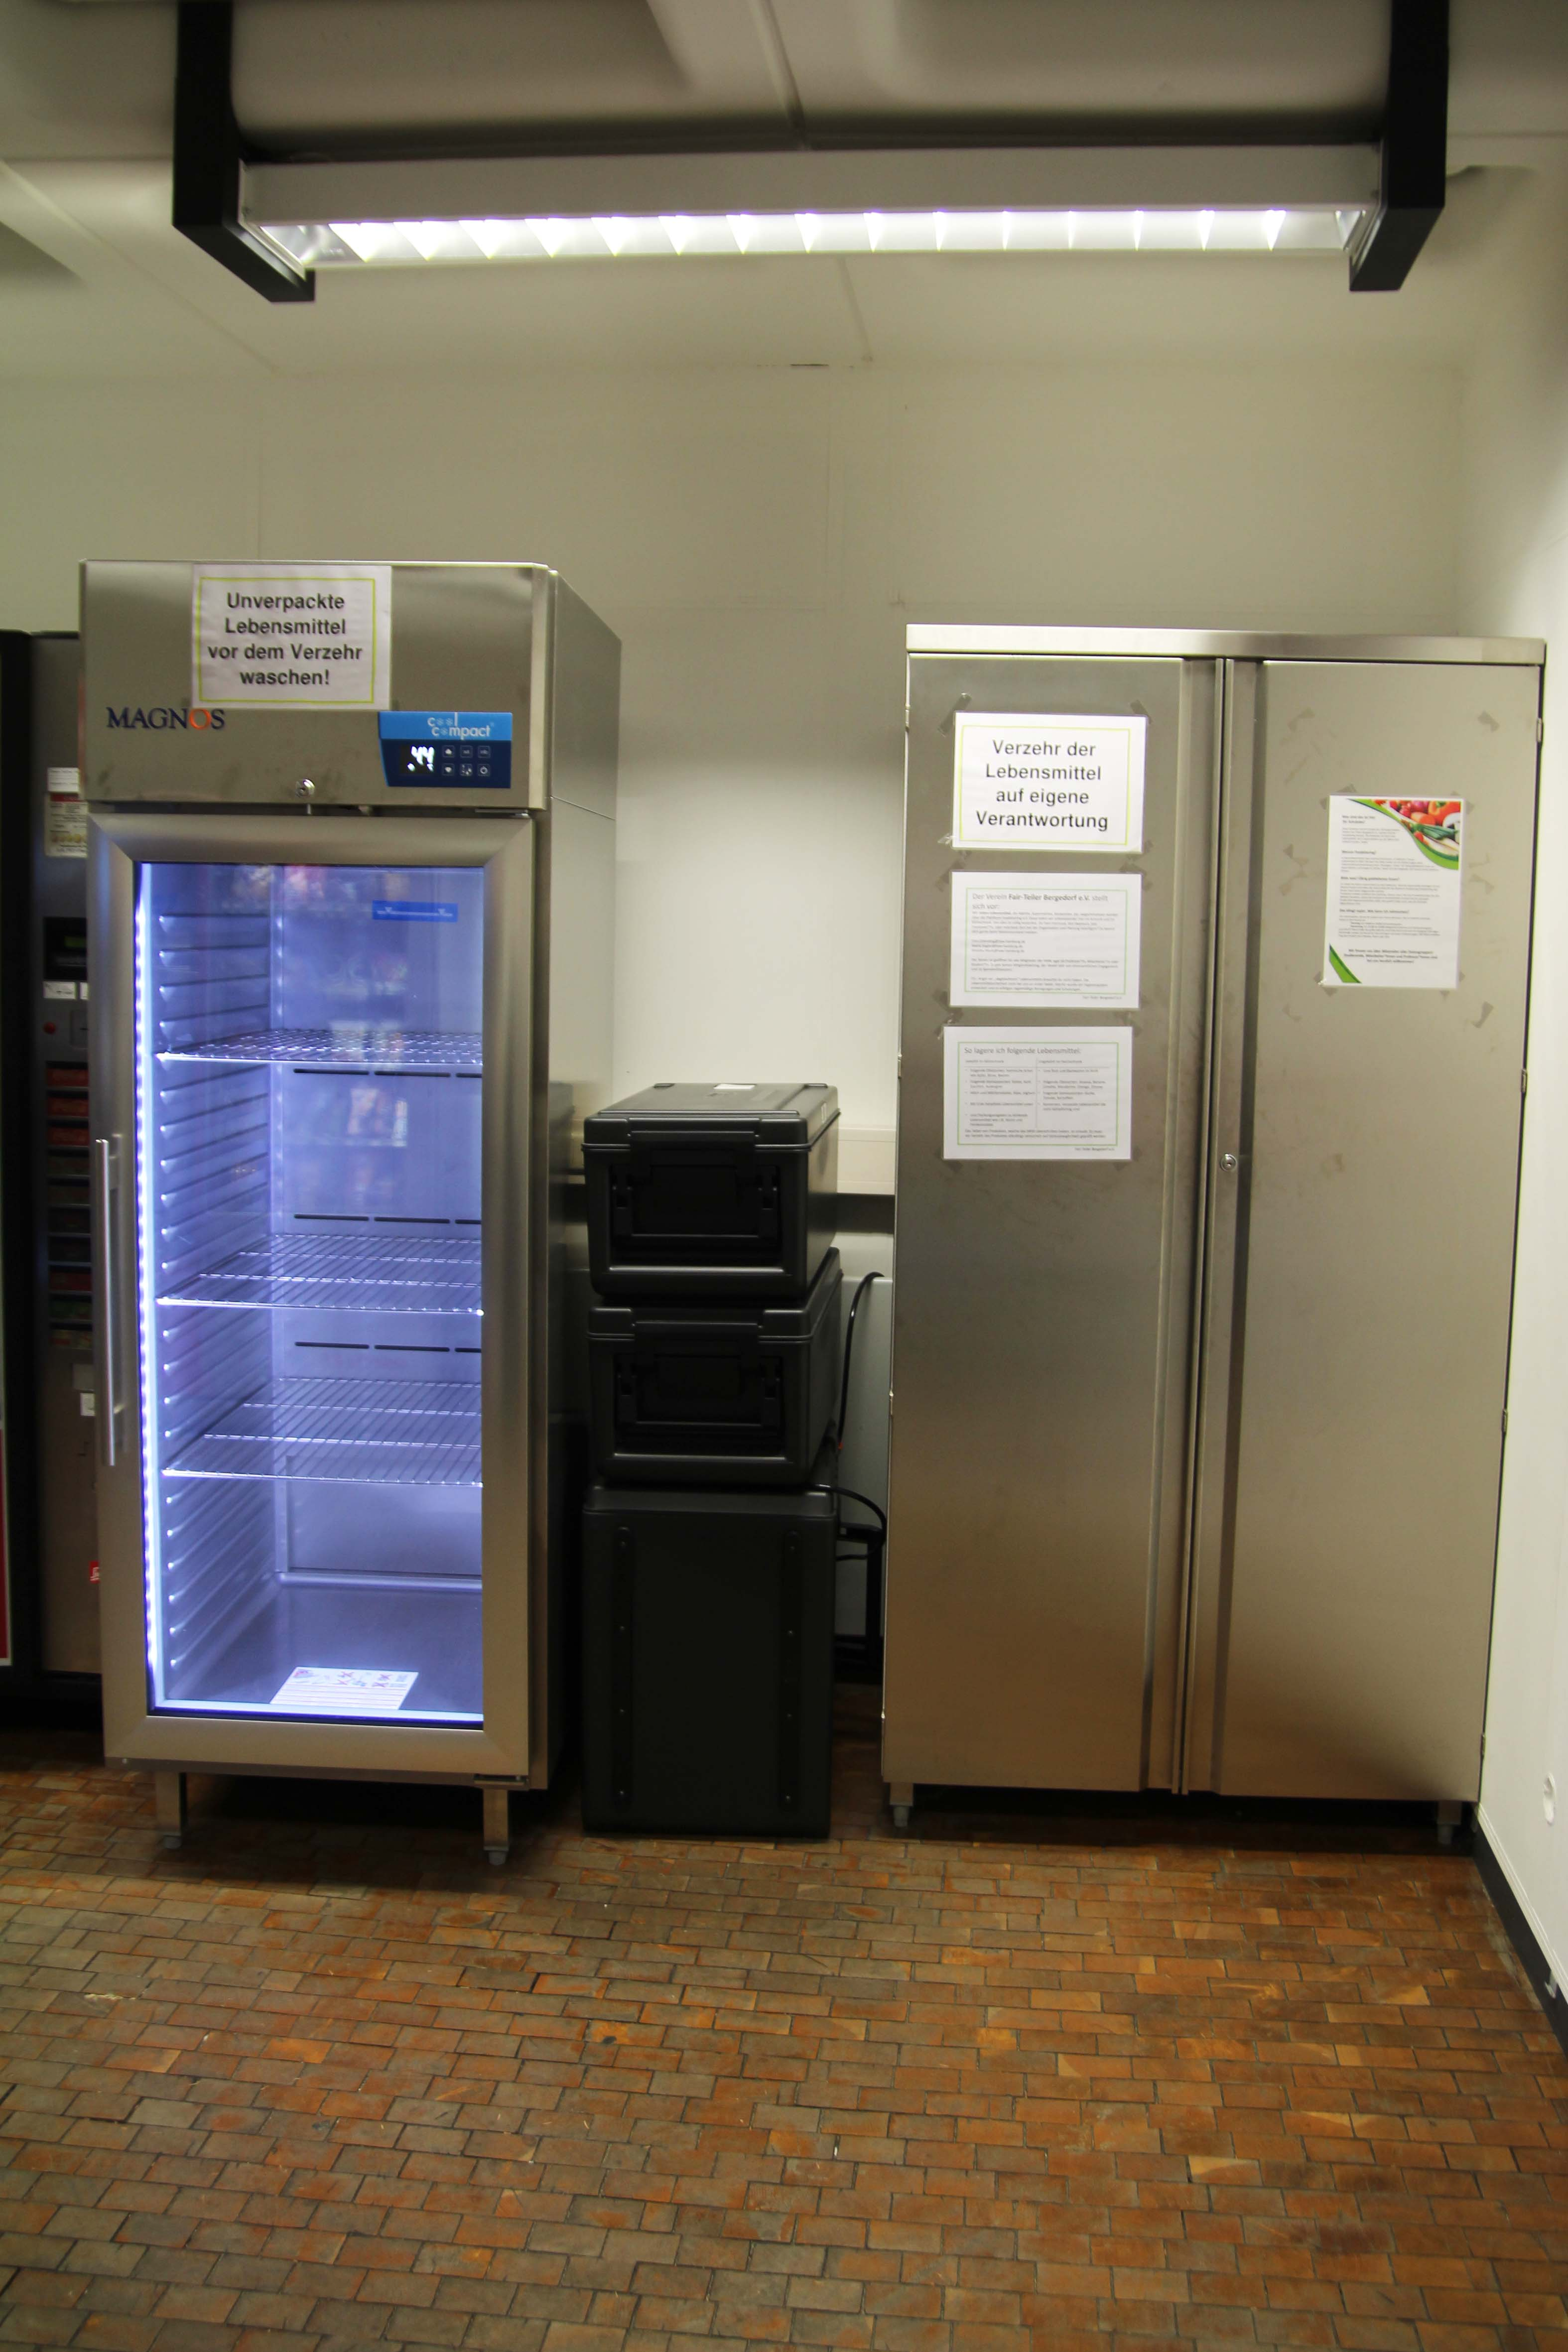 Ein Kühlschrank und ein Schrank, beide verschlossen.